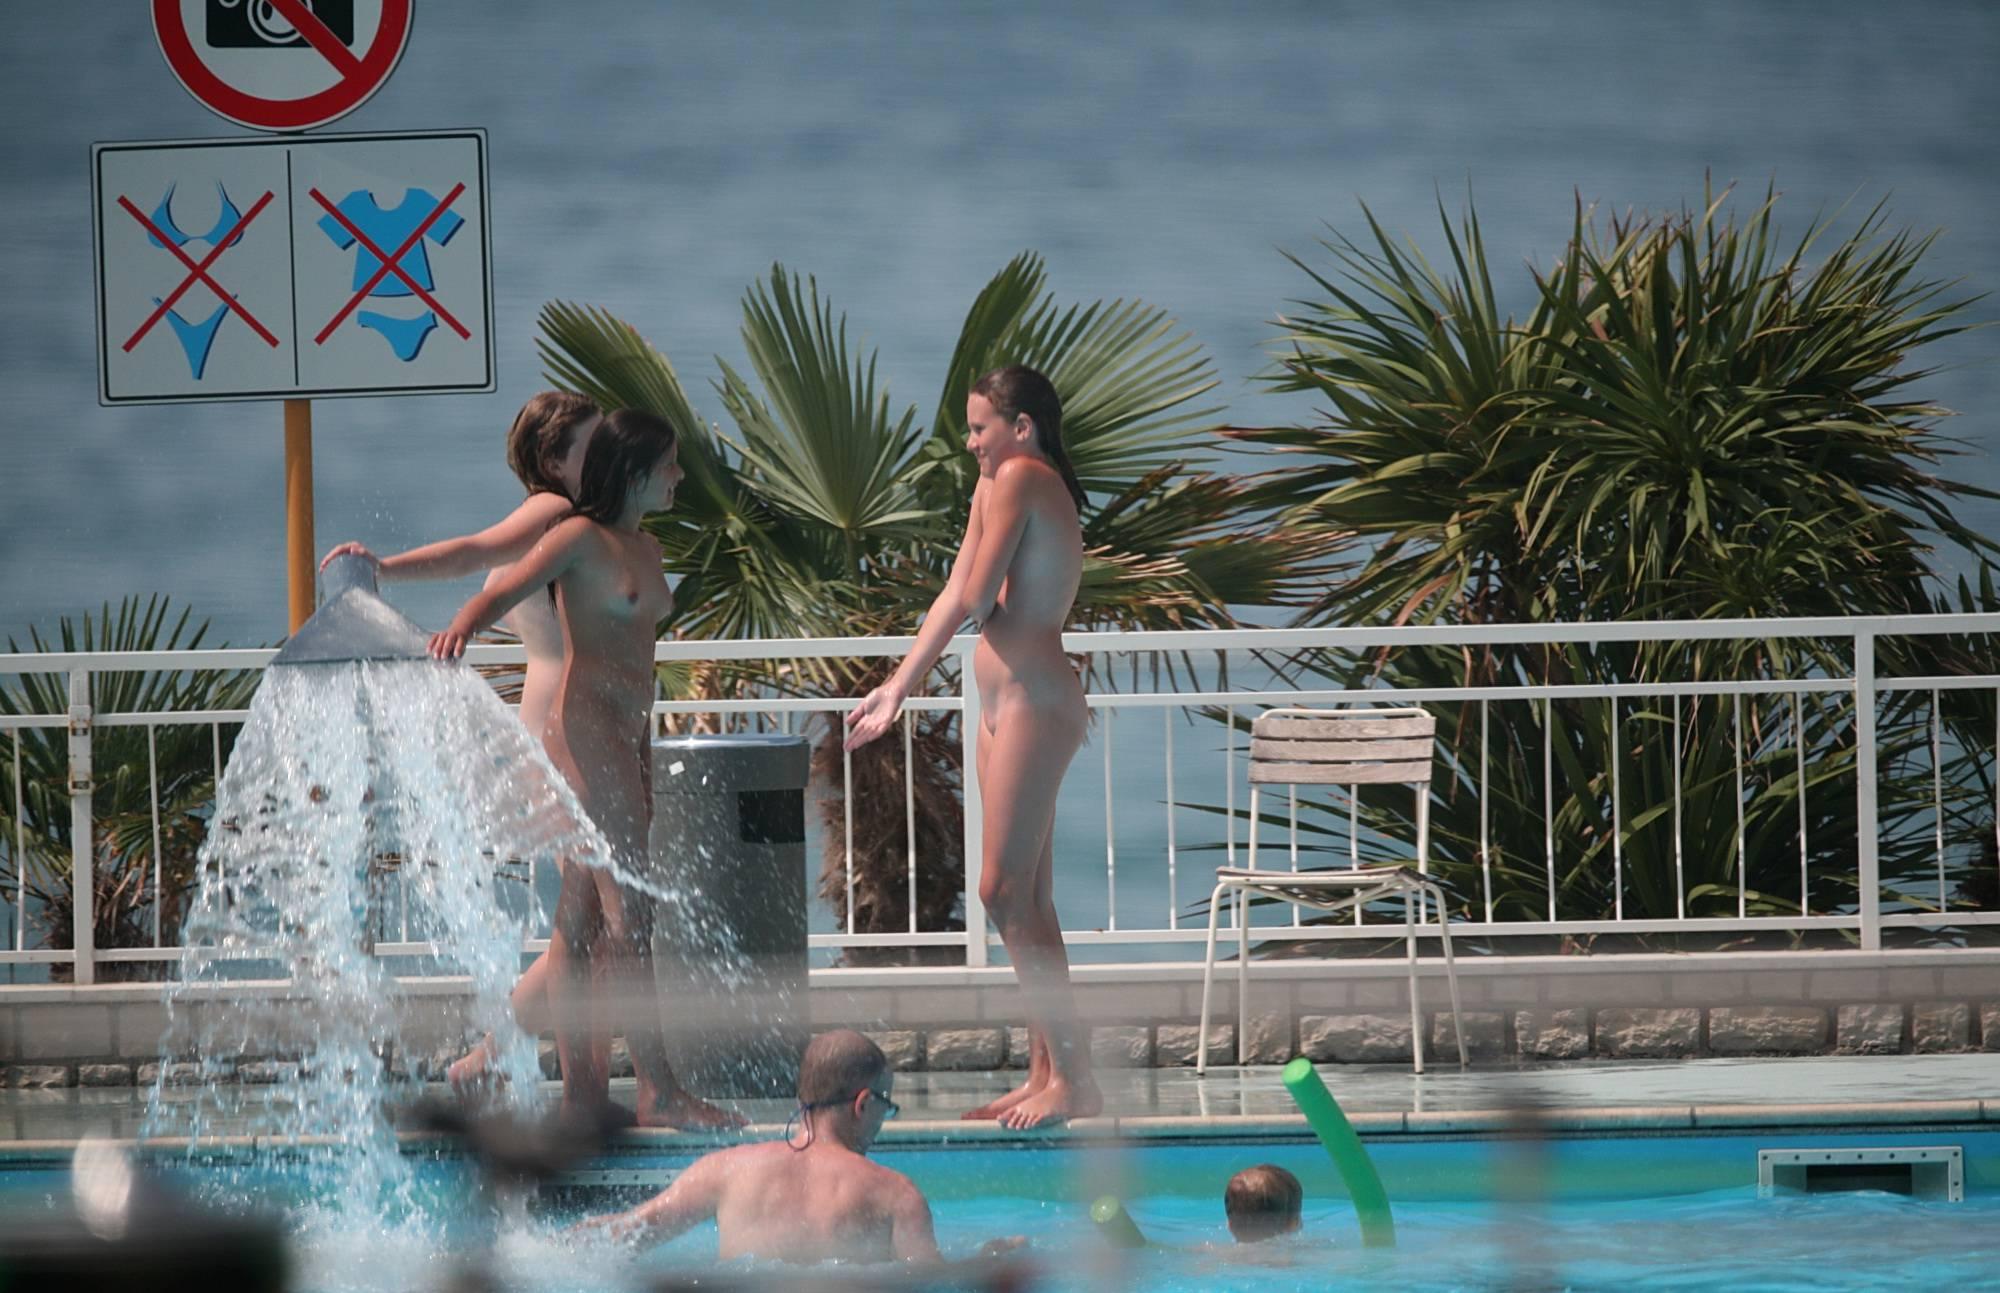 Nude Pool Sprinkler Play - 2